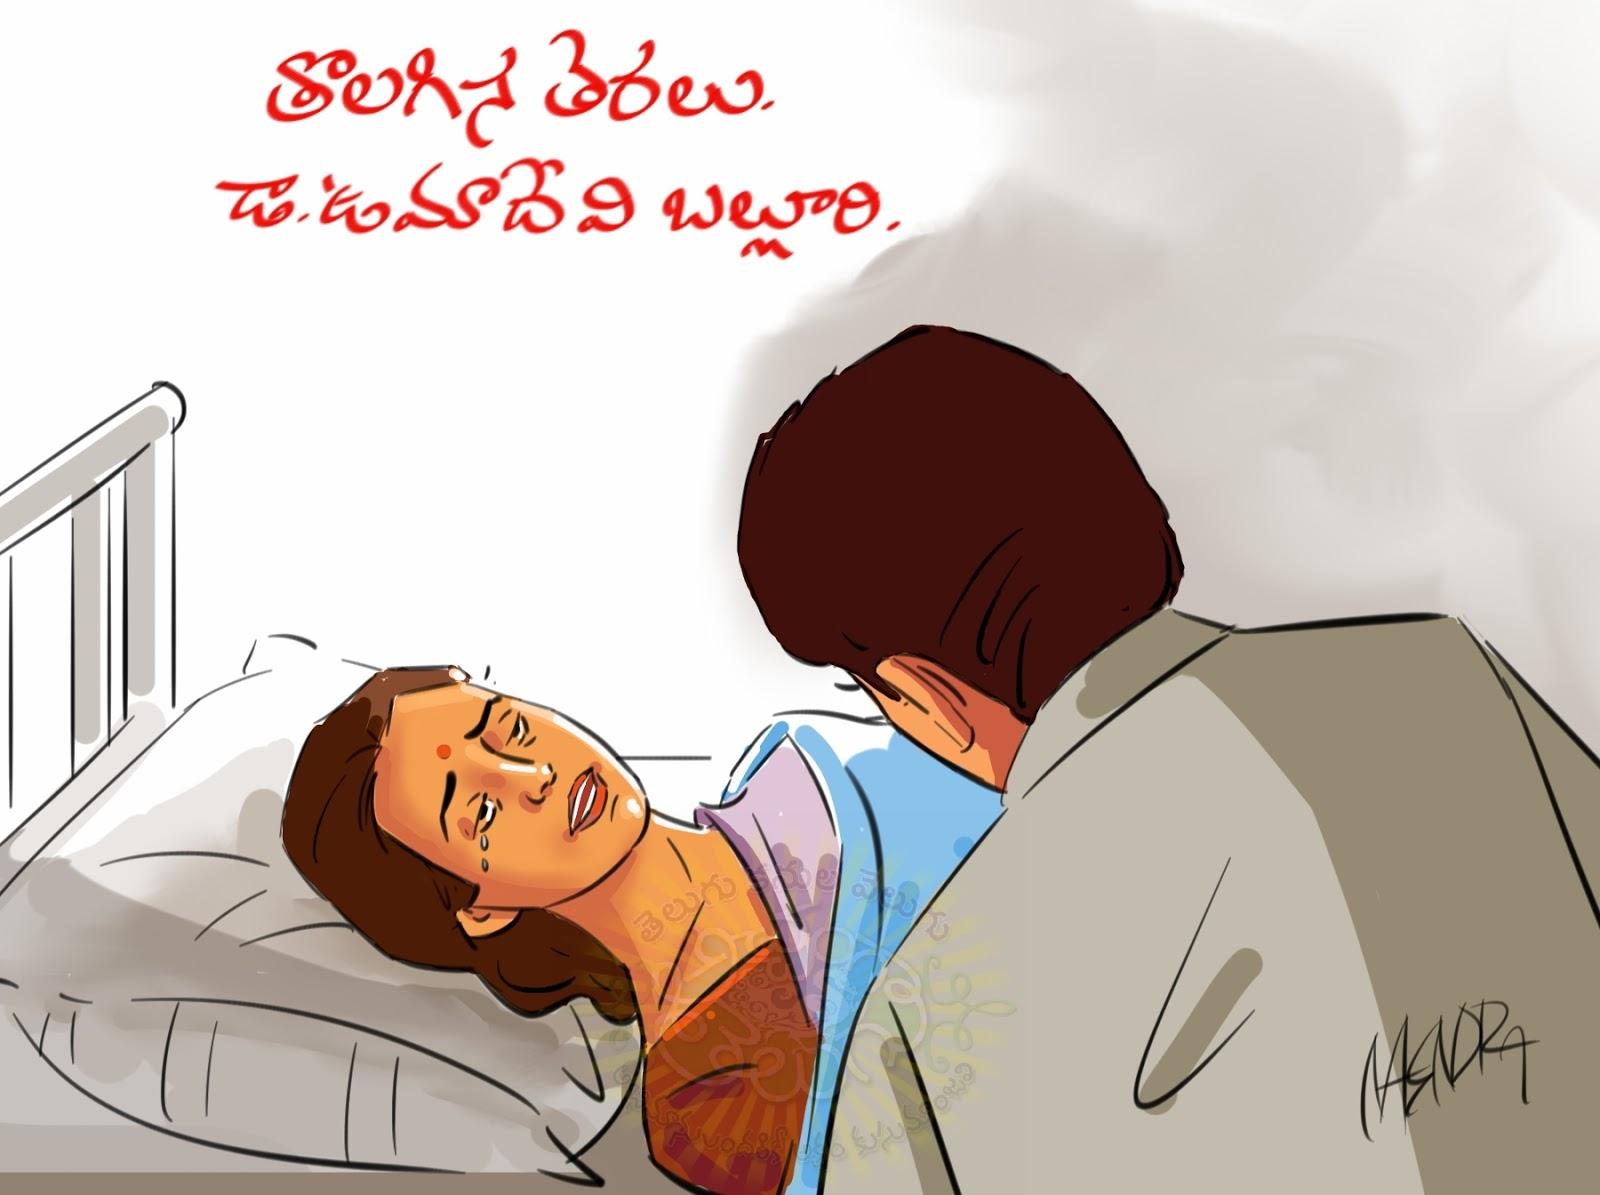 తొలగిన తెరలు కథాకదంబం, డా.బల్లూరి ఉమాదేవి